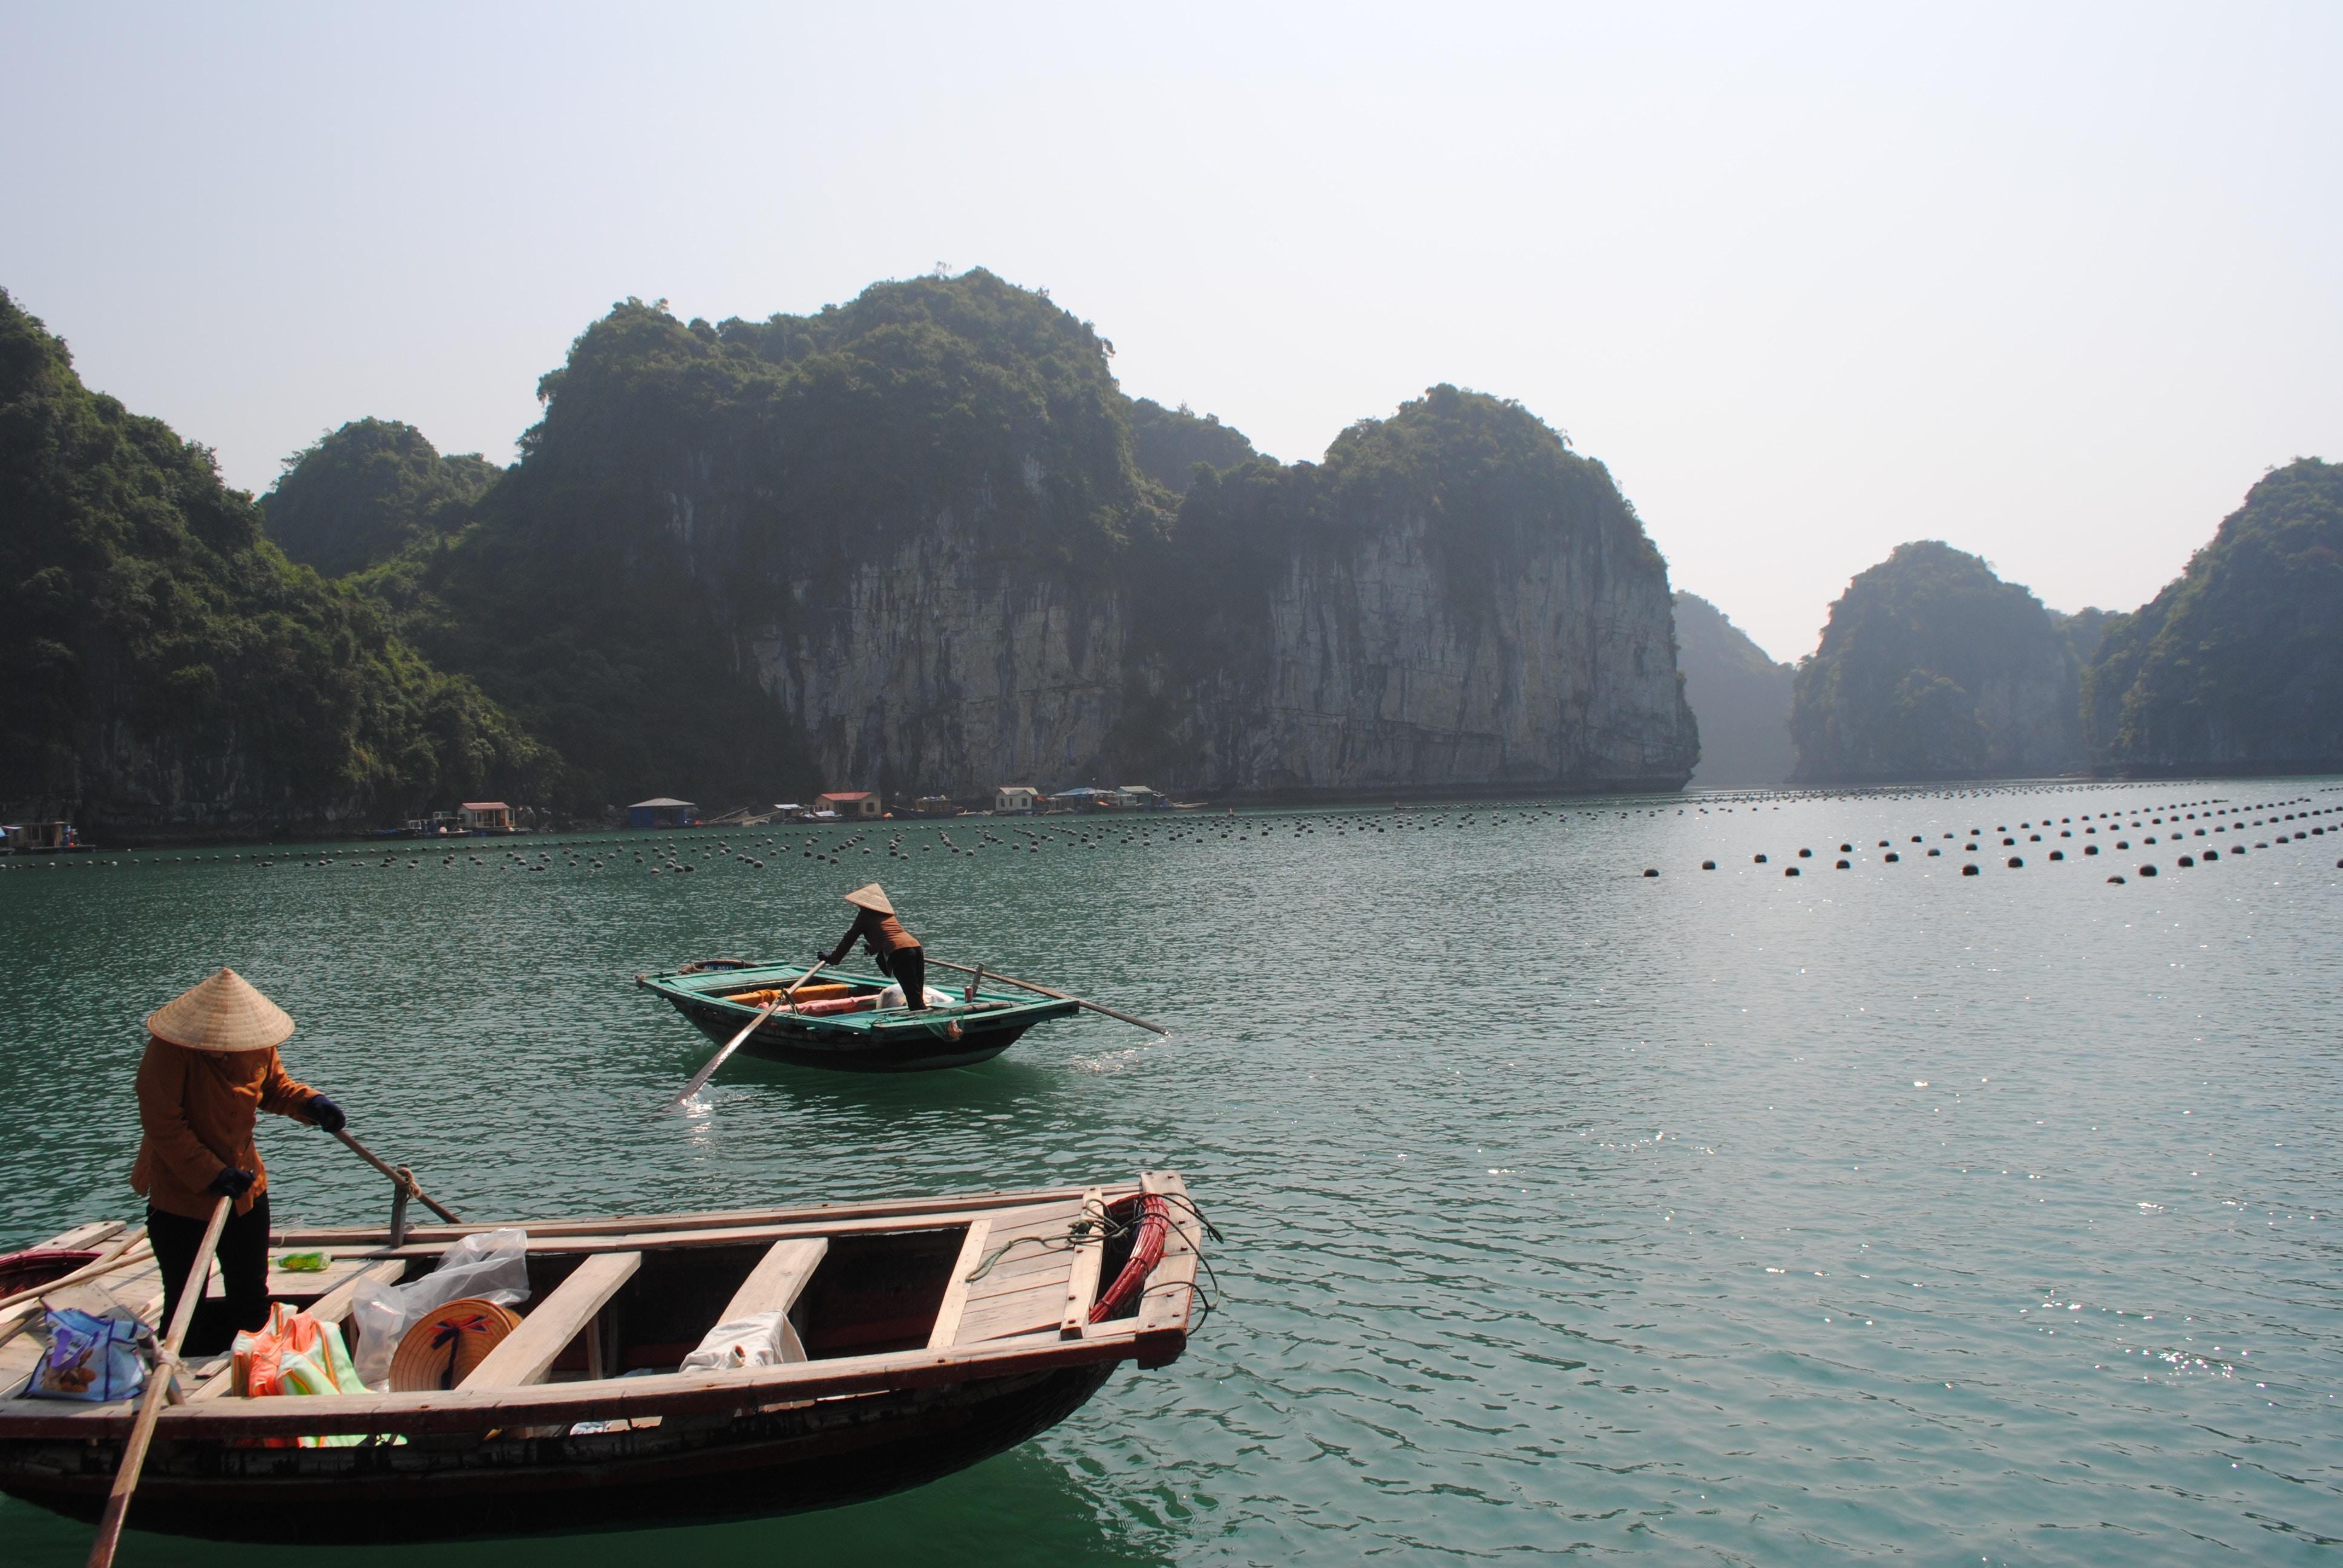 Vietnam Tourism or Internship in Vietnam